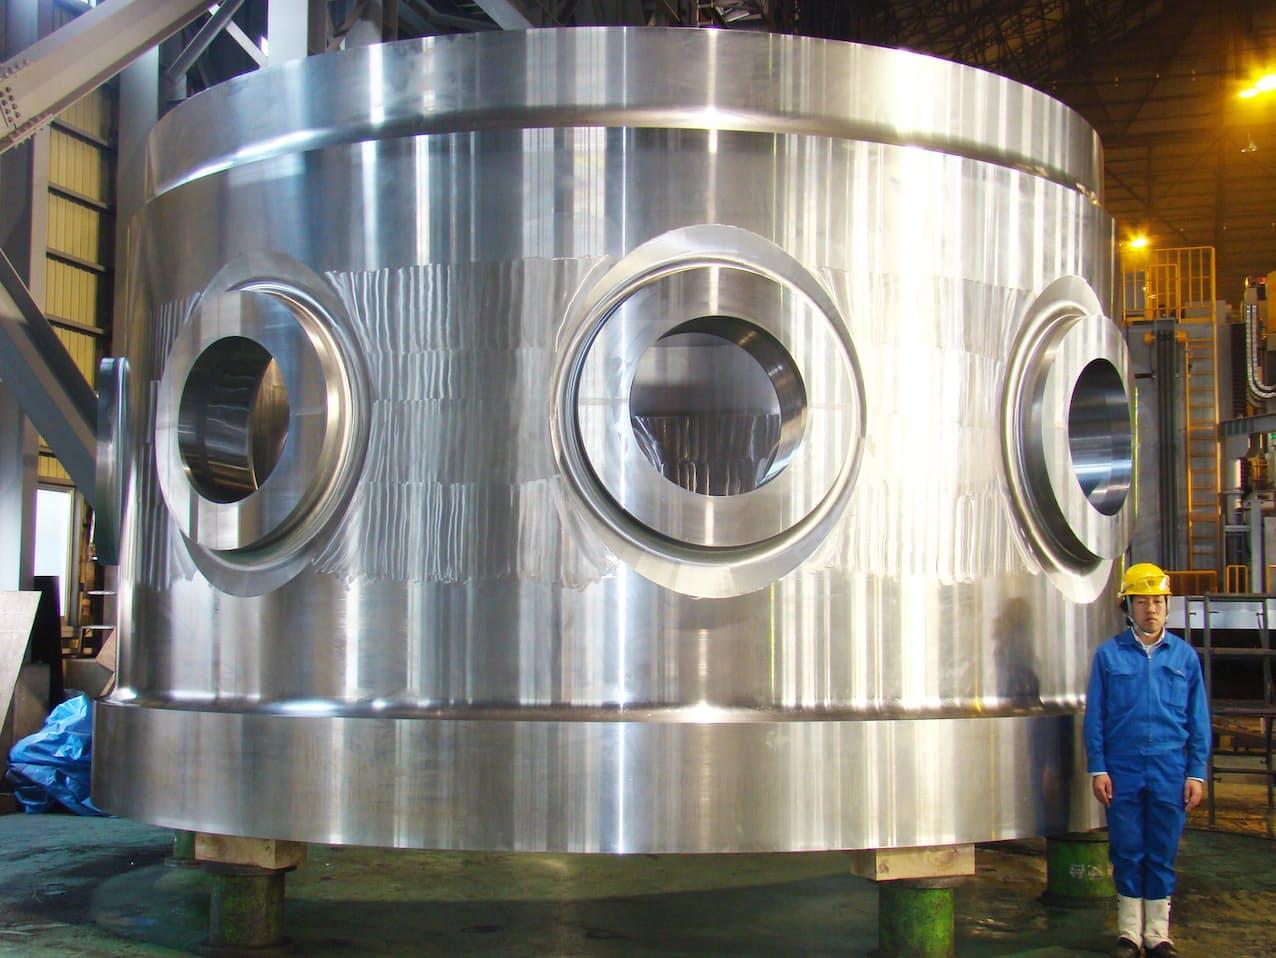 日本製鋼所M&Eでは圧力容器に使う巨大な鋳鍛鋼製品などを手掛けてきた